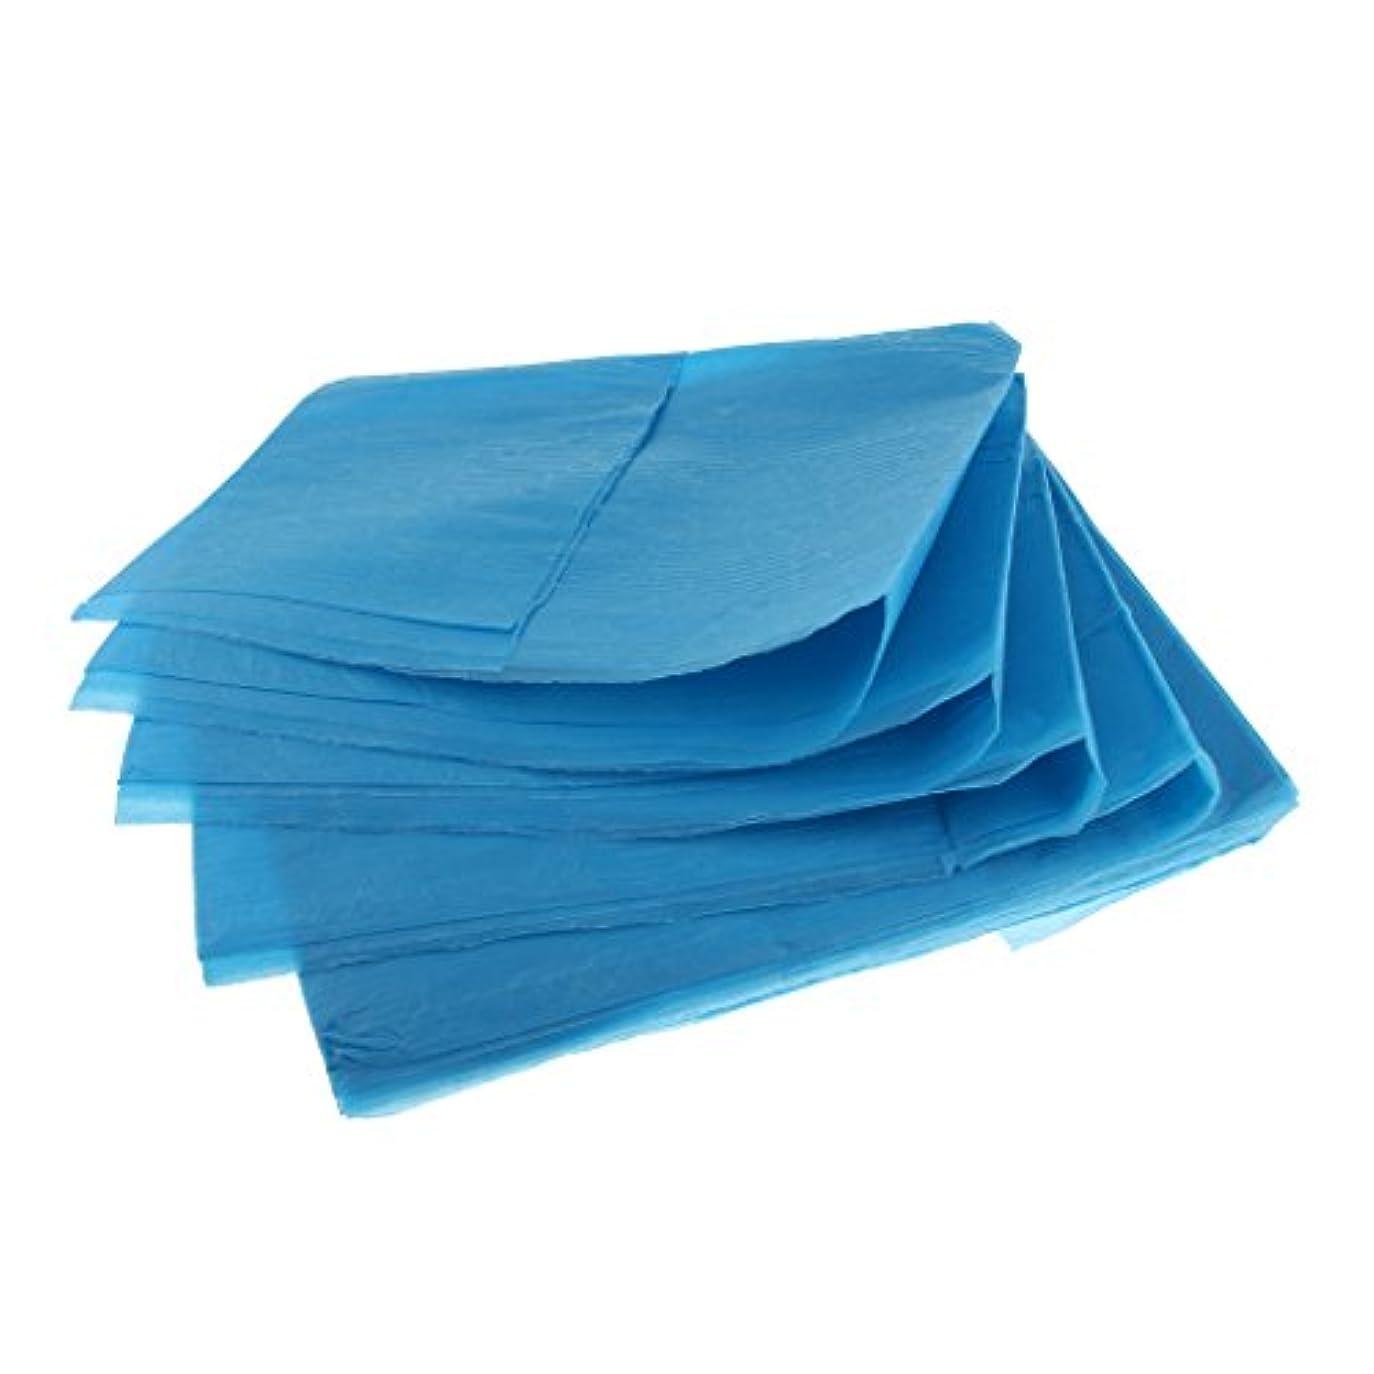 妨げるエンディング材料SONONIA 10枚 使い捨て ベッドシーツ ベッドパッド カバー 妊産婦 生理期間 スキンケア 美容院 サロン ホテル 2色選べ - 青